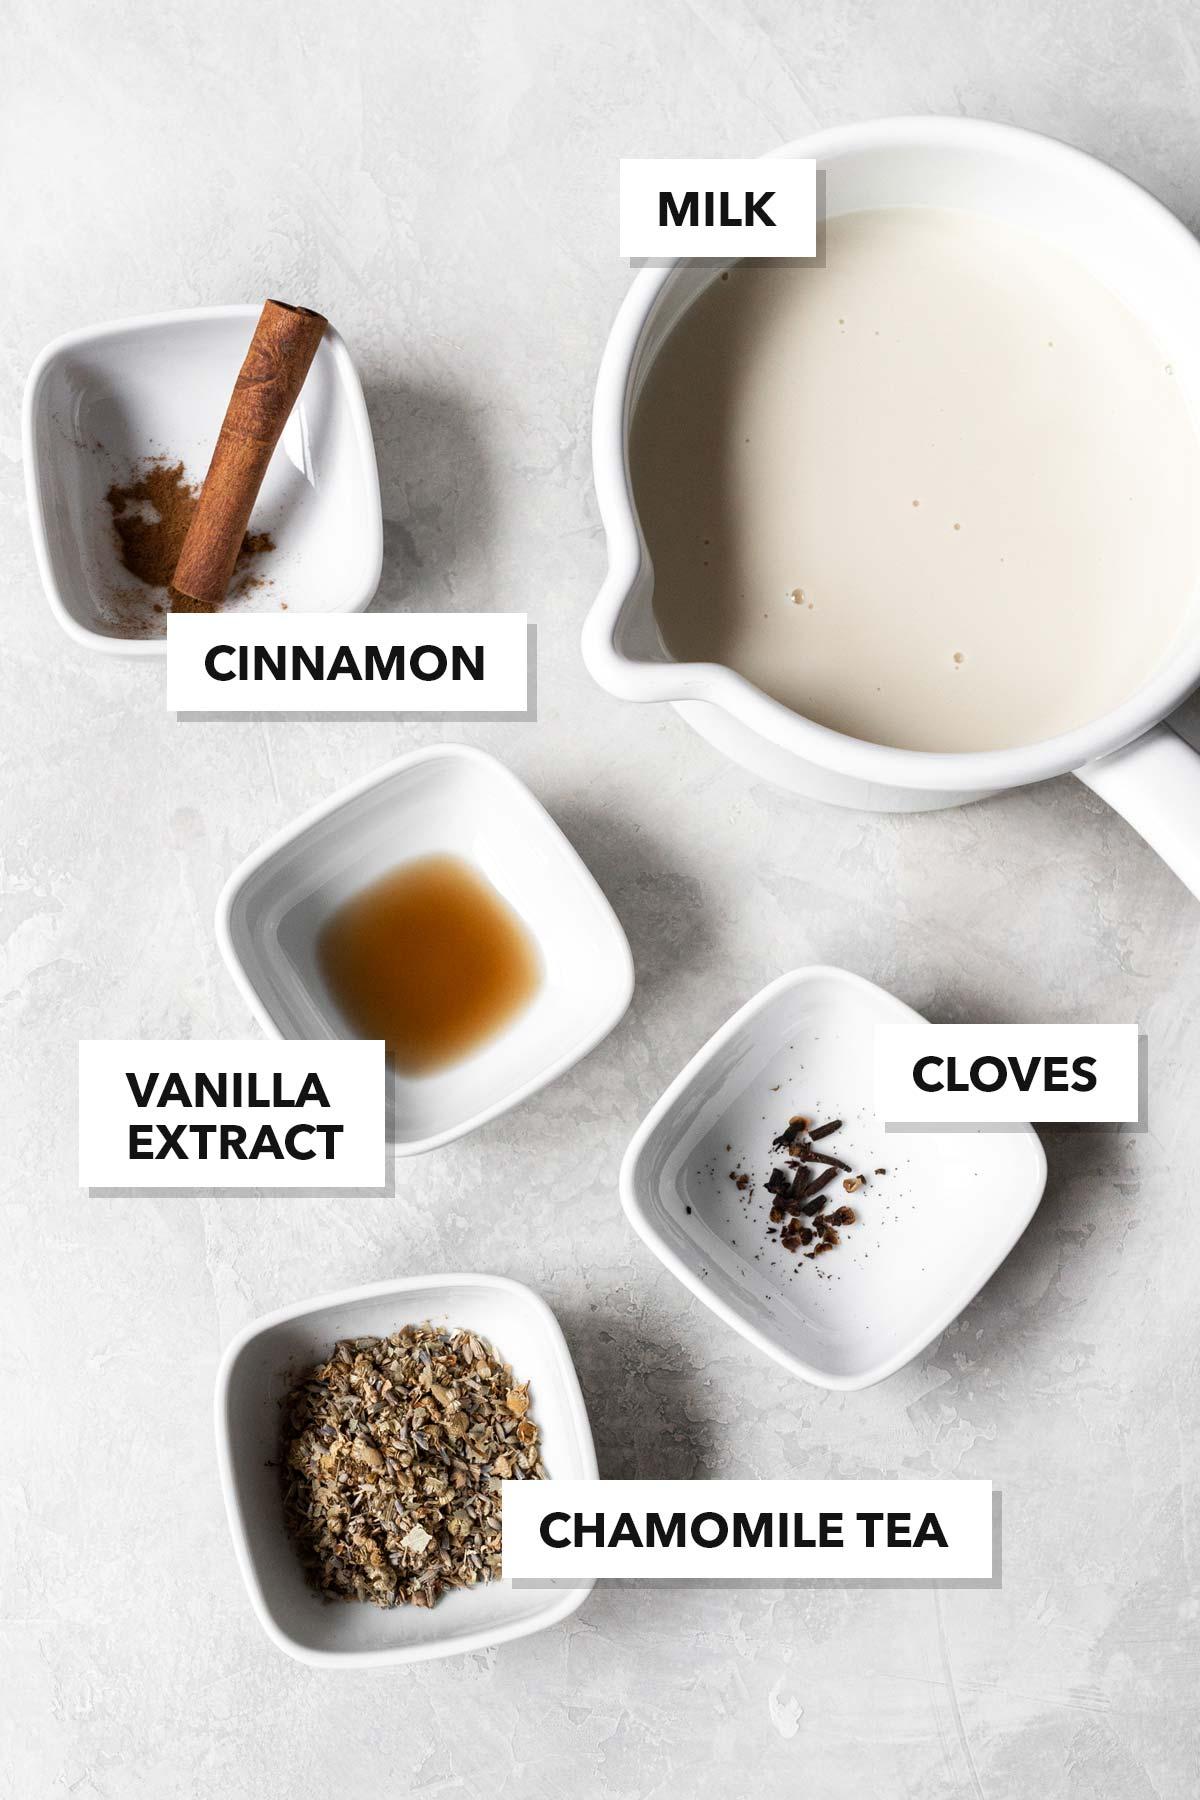 Chamomile tea latte ingredients.